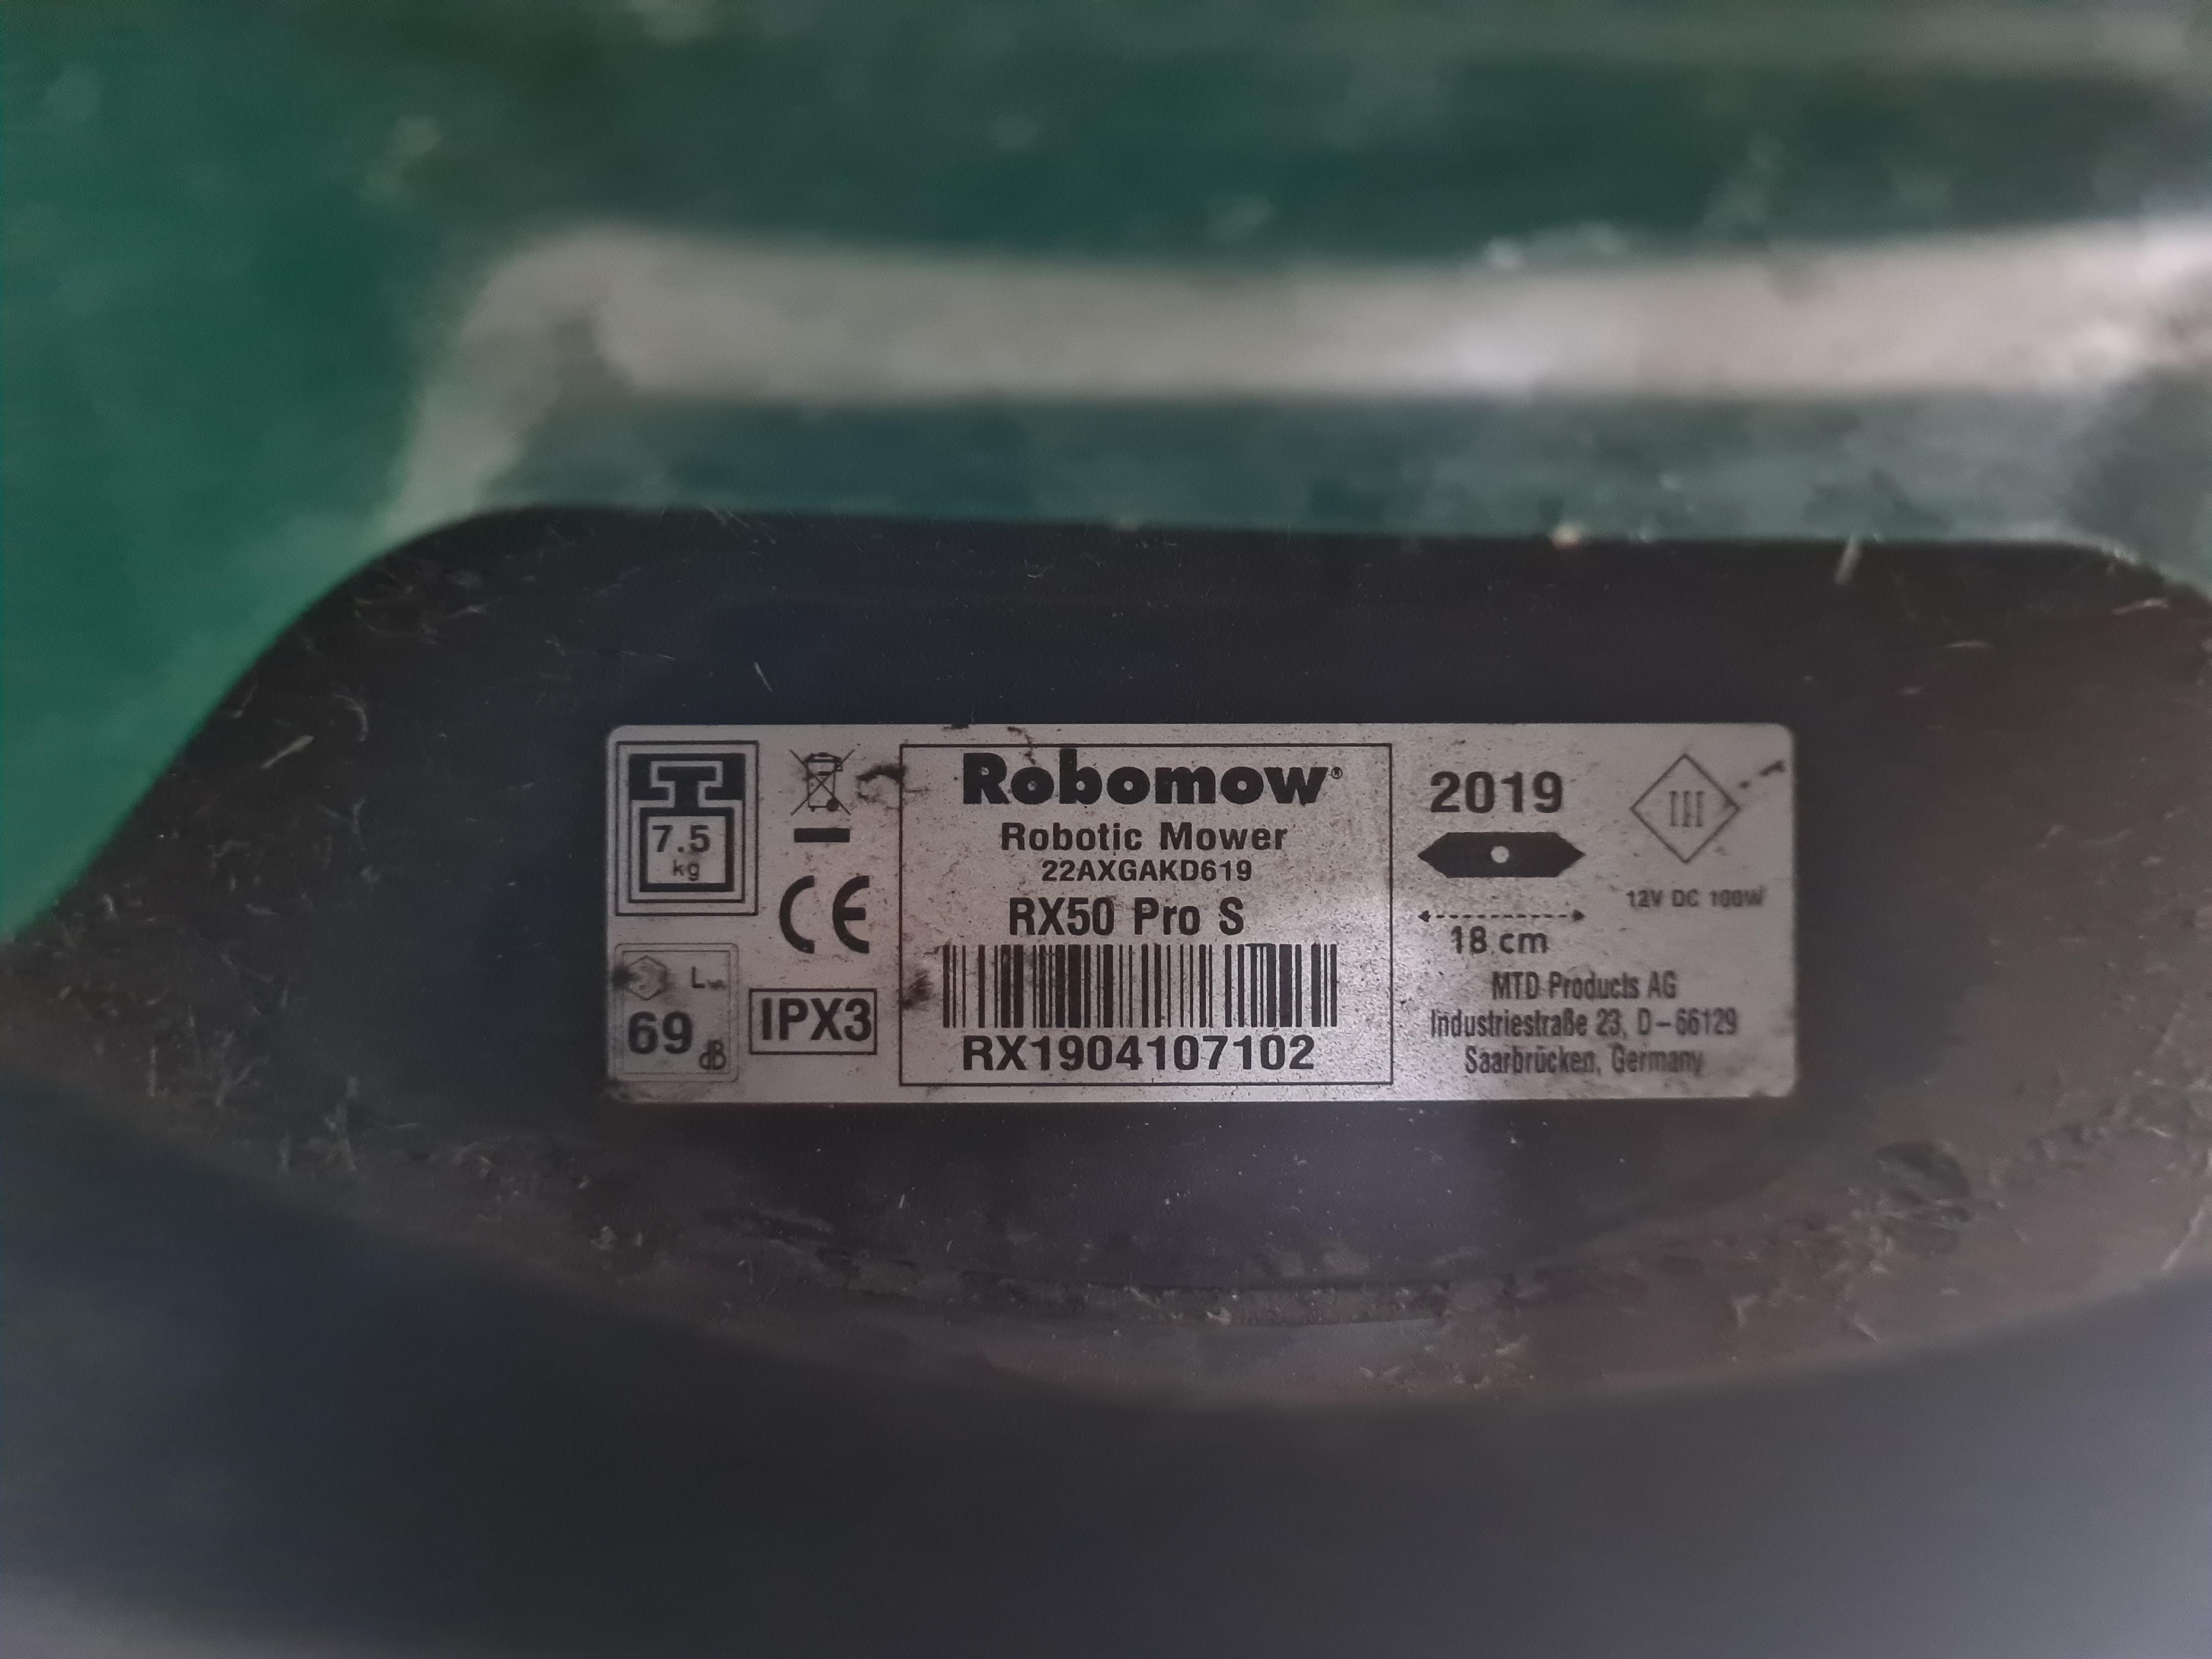 Robomow RX50pro